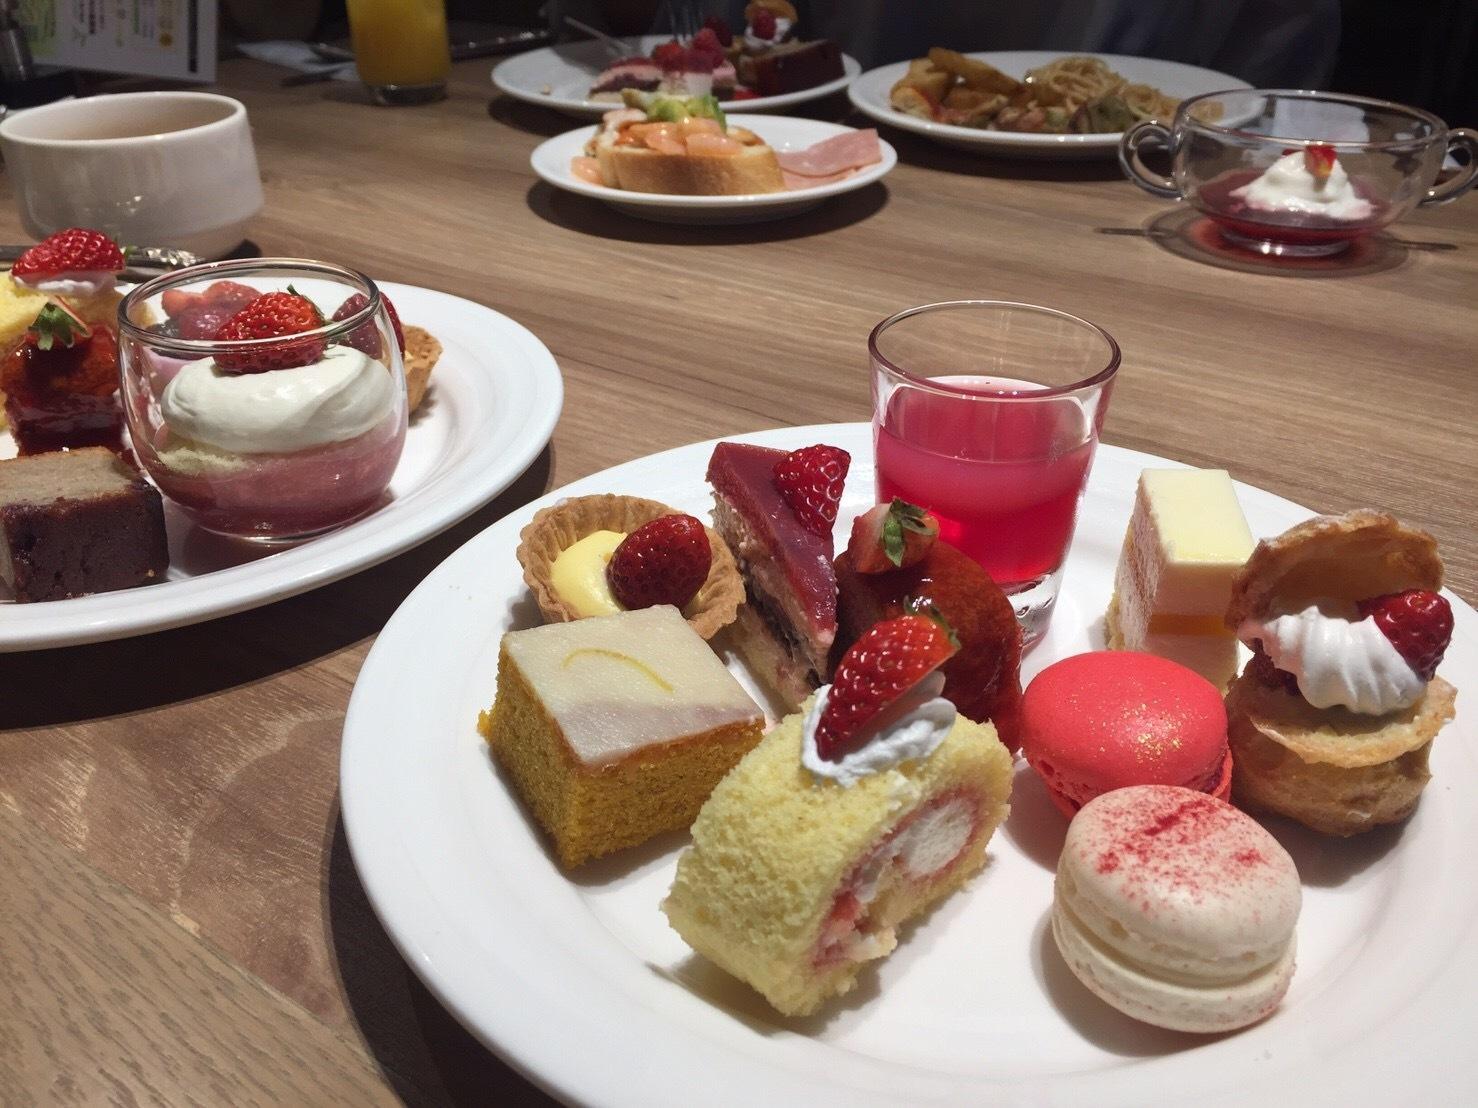 スイーツ好き必見!京都タワーホテル Berry sweets buffet ♡_1_5